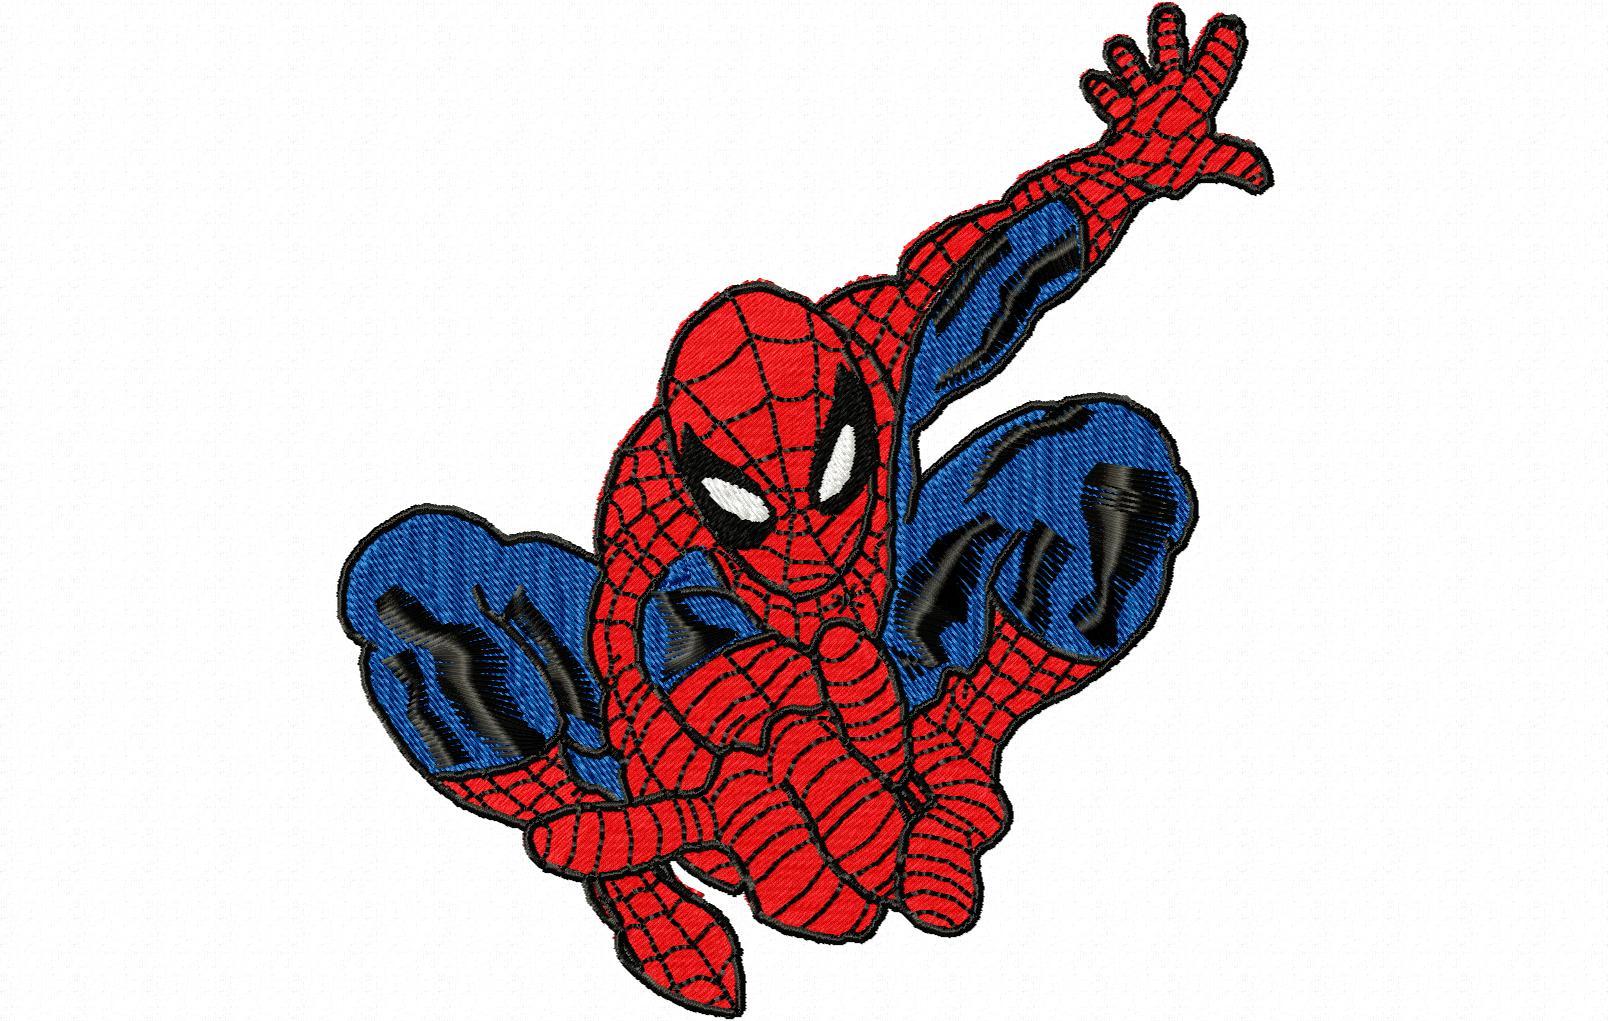 Dessins En Couleurs à Imprimer Spiderman Numéro 22321: Dessins En Couleurs à Imprimer : Spiderman, Numéro : 336744